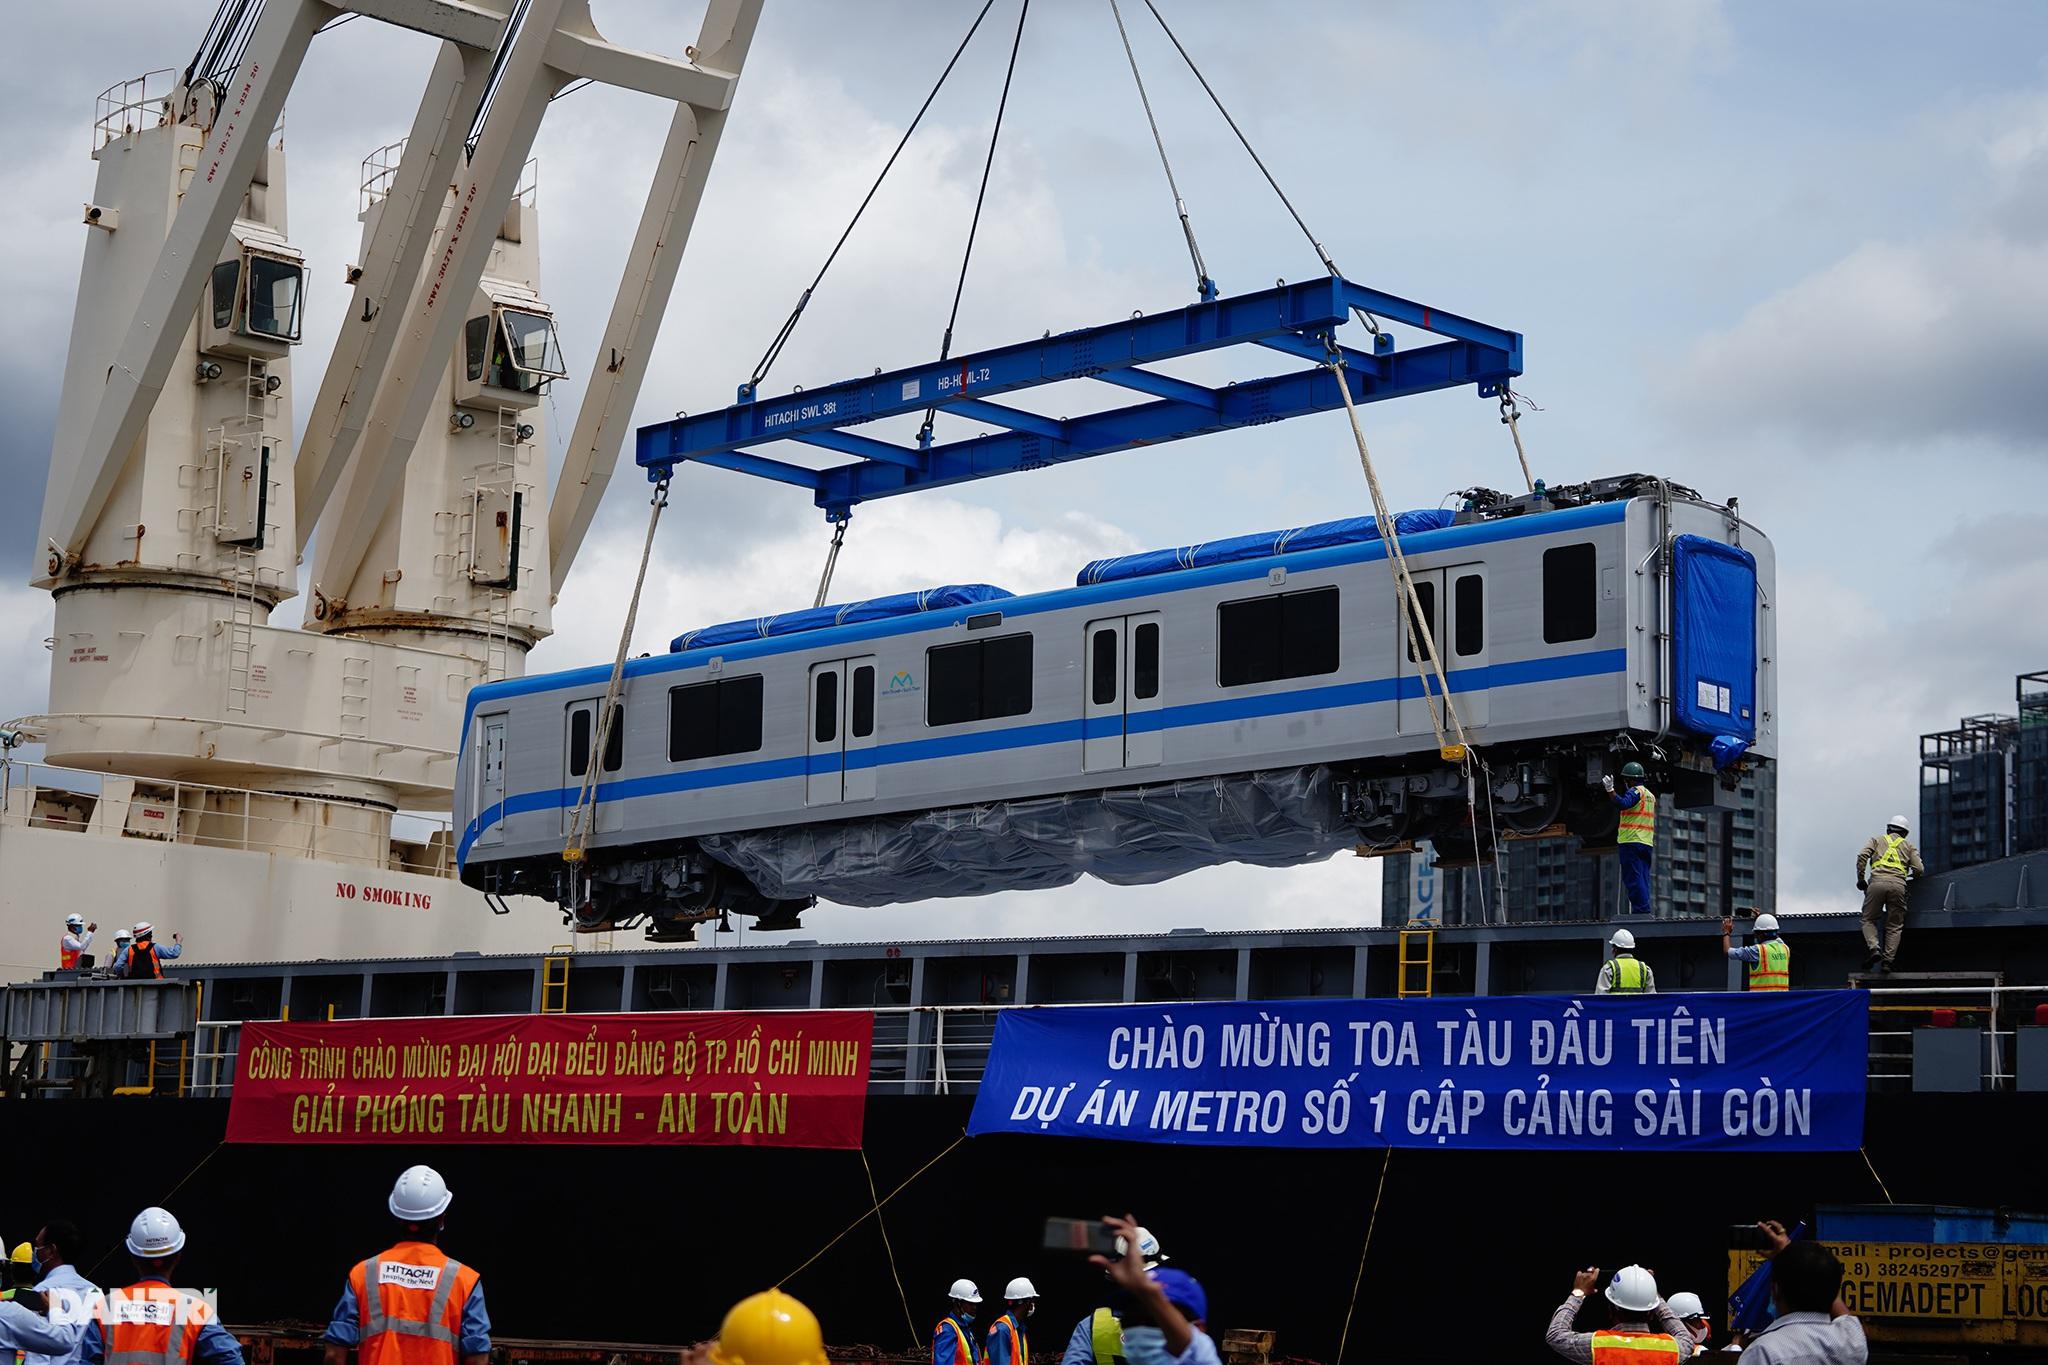 Ngắm tuyến metro đầu tiên của TPHCM sau gần 10 năm chờ đợi - 17